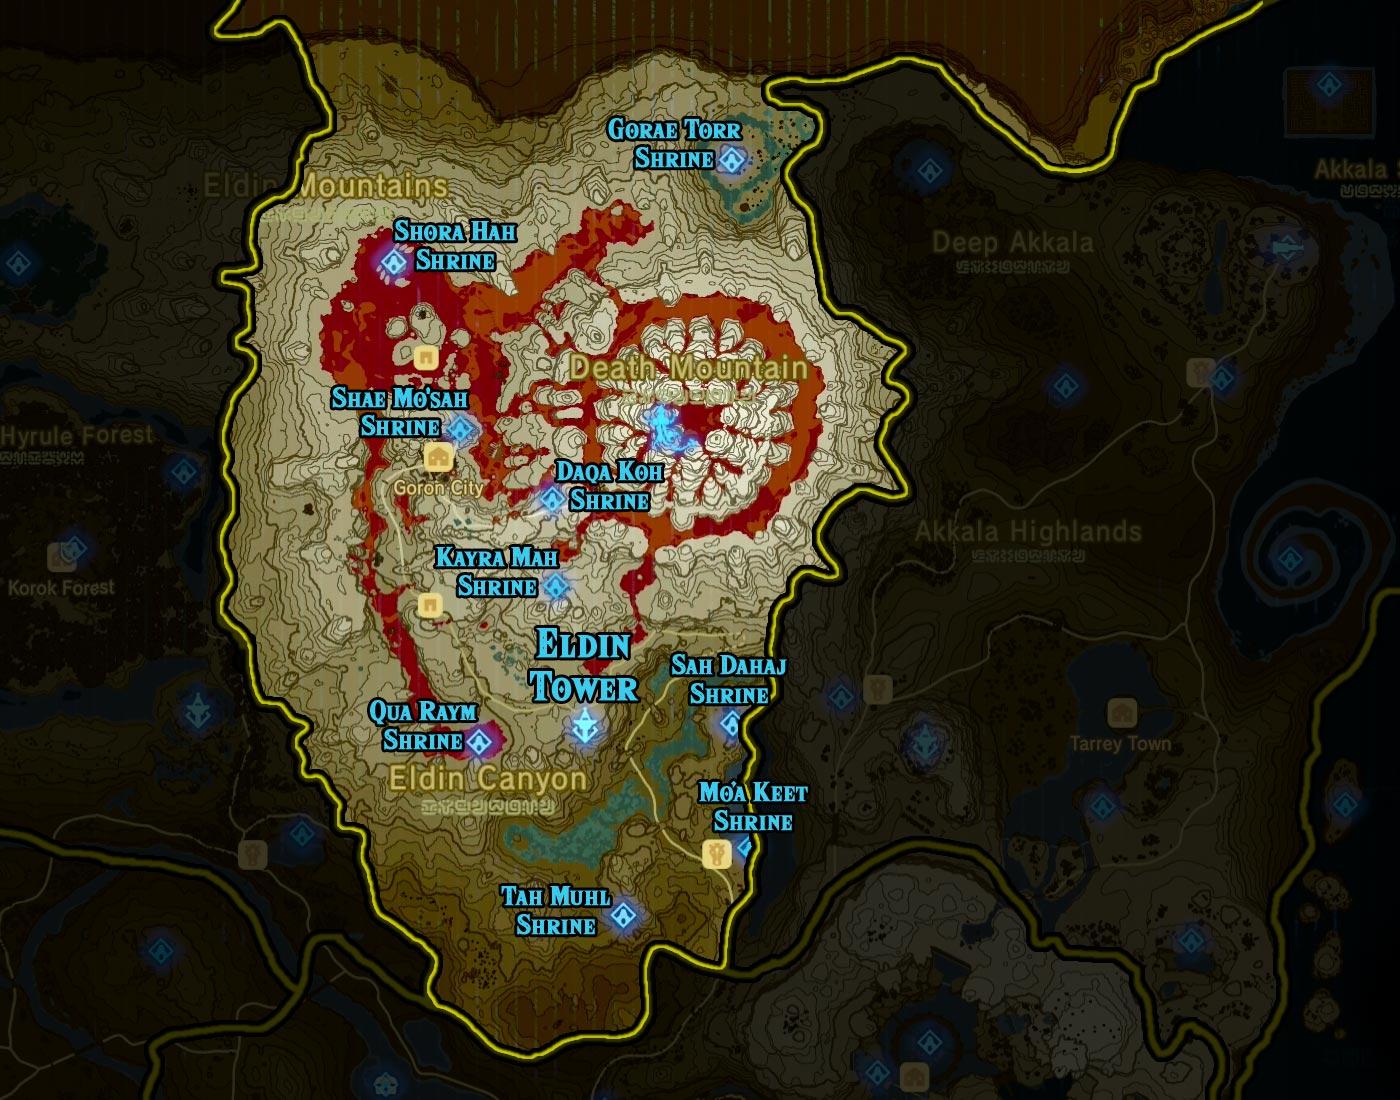 Eldin Tower region